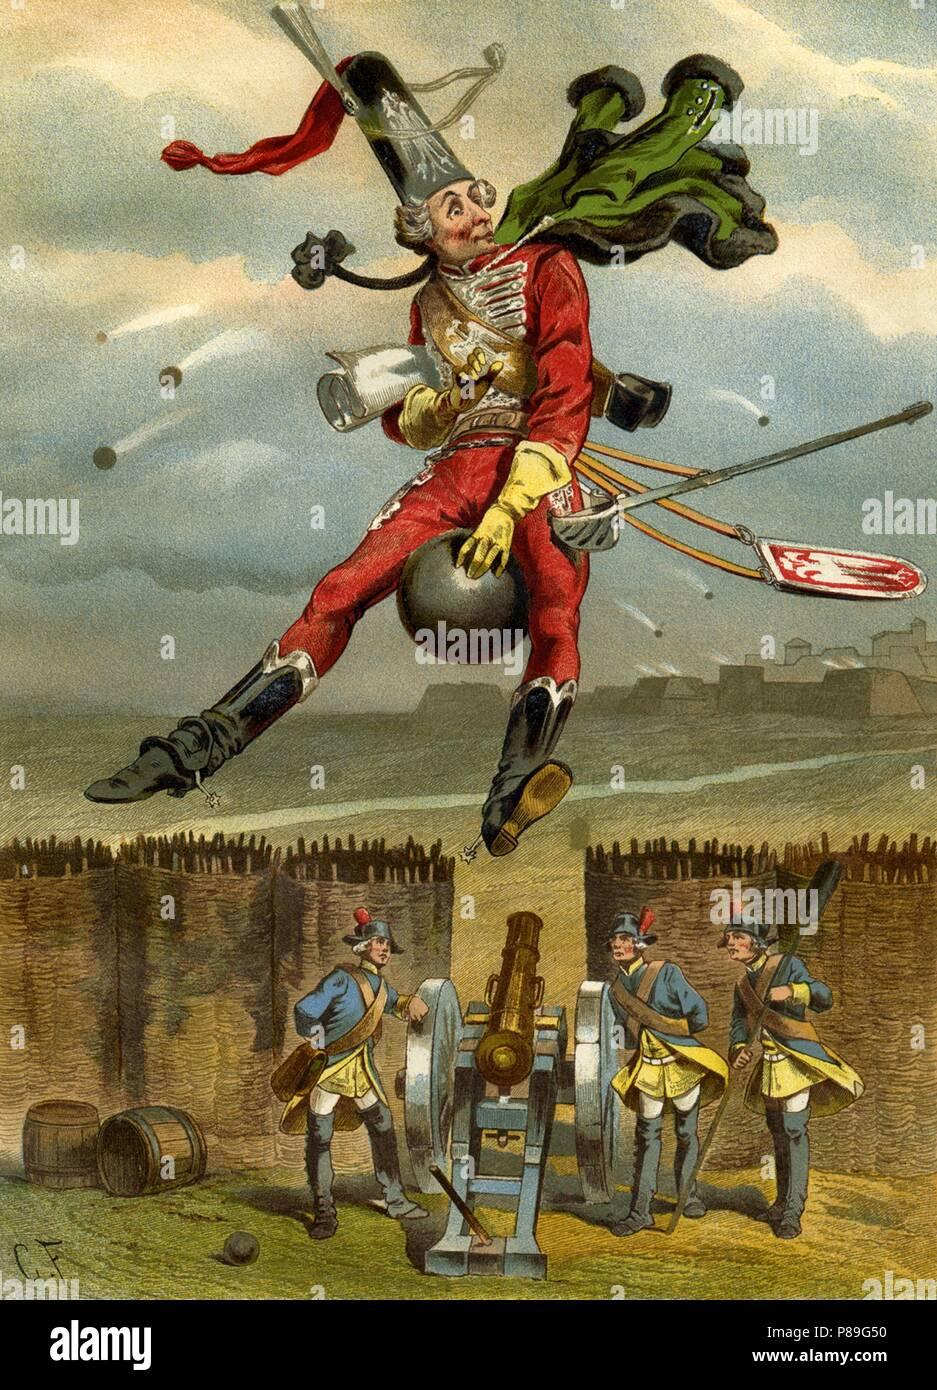 """Ilustración para el libro """"Las sorprendentes aventuras del barón Münchhausen"""" por Rudolph Erich Raspe. Museo: Colección privada. Foto de stock"""